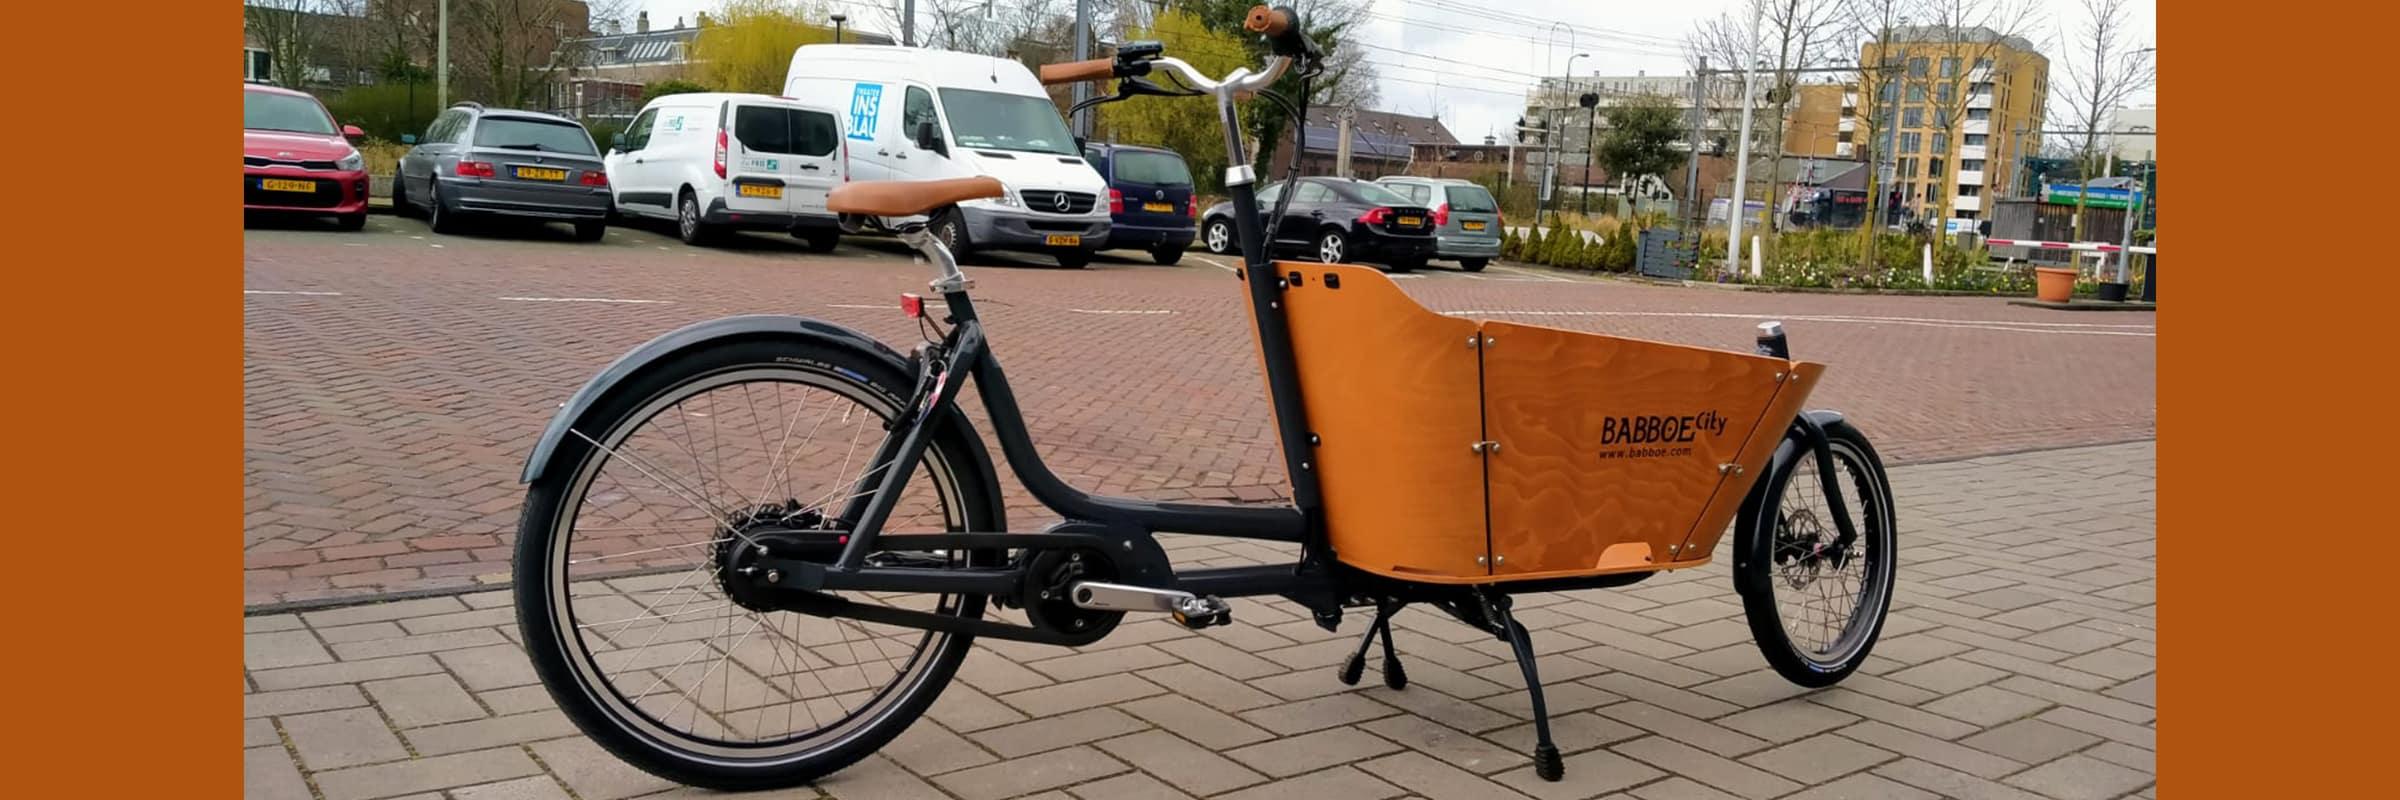 Huur een elektrische bakfiets voor een dag of meerdere dagen bij Fietsverhuur EasyFiets in Leiden. Check hier hoe veel het kost om een elektrische bakfiets te huren.